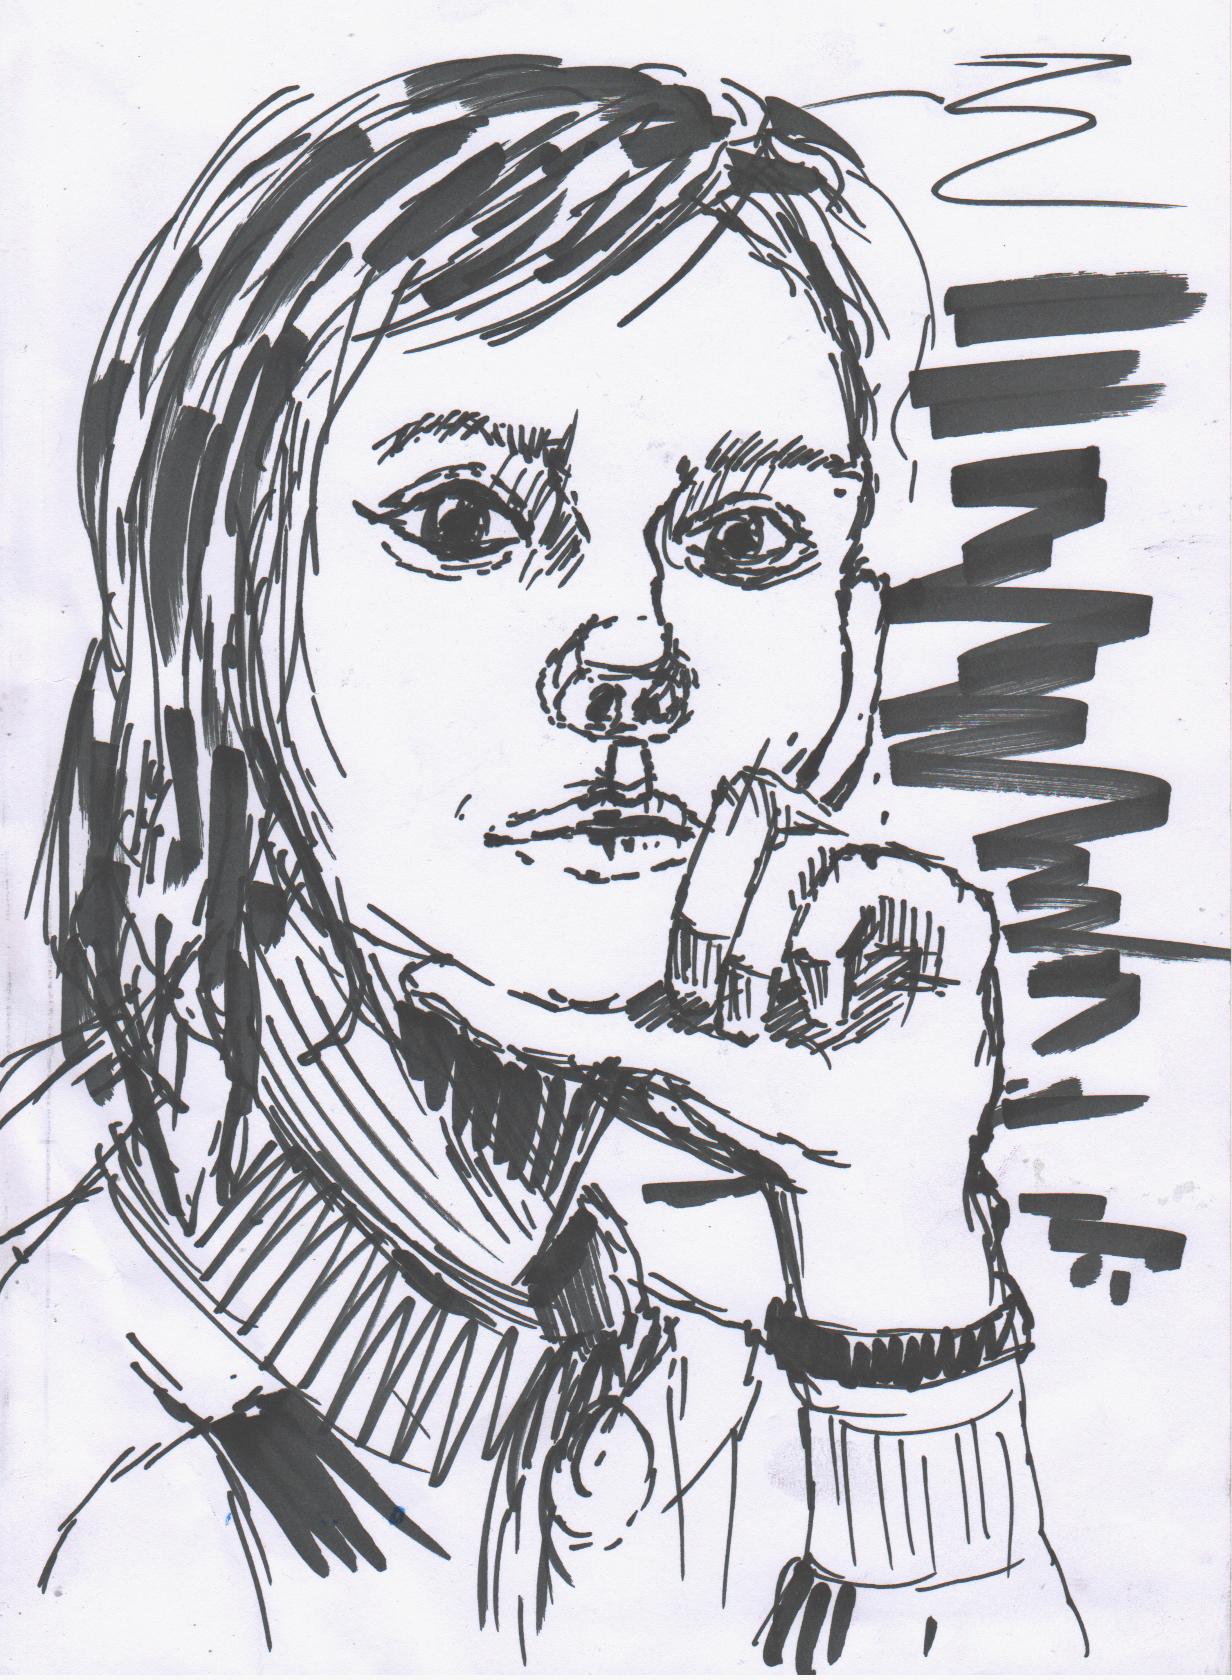 Маша  Рядом просто лежал маркер и мне захотелось его опробовать. Рисовать подобными материалами здорово - ты не имеешь права на ошибку и это дисциплинирует.